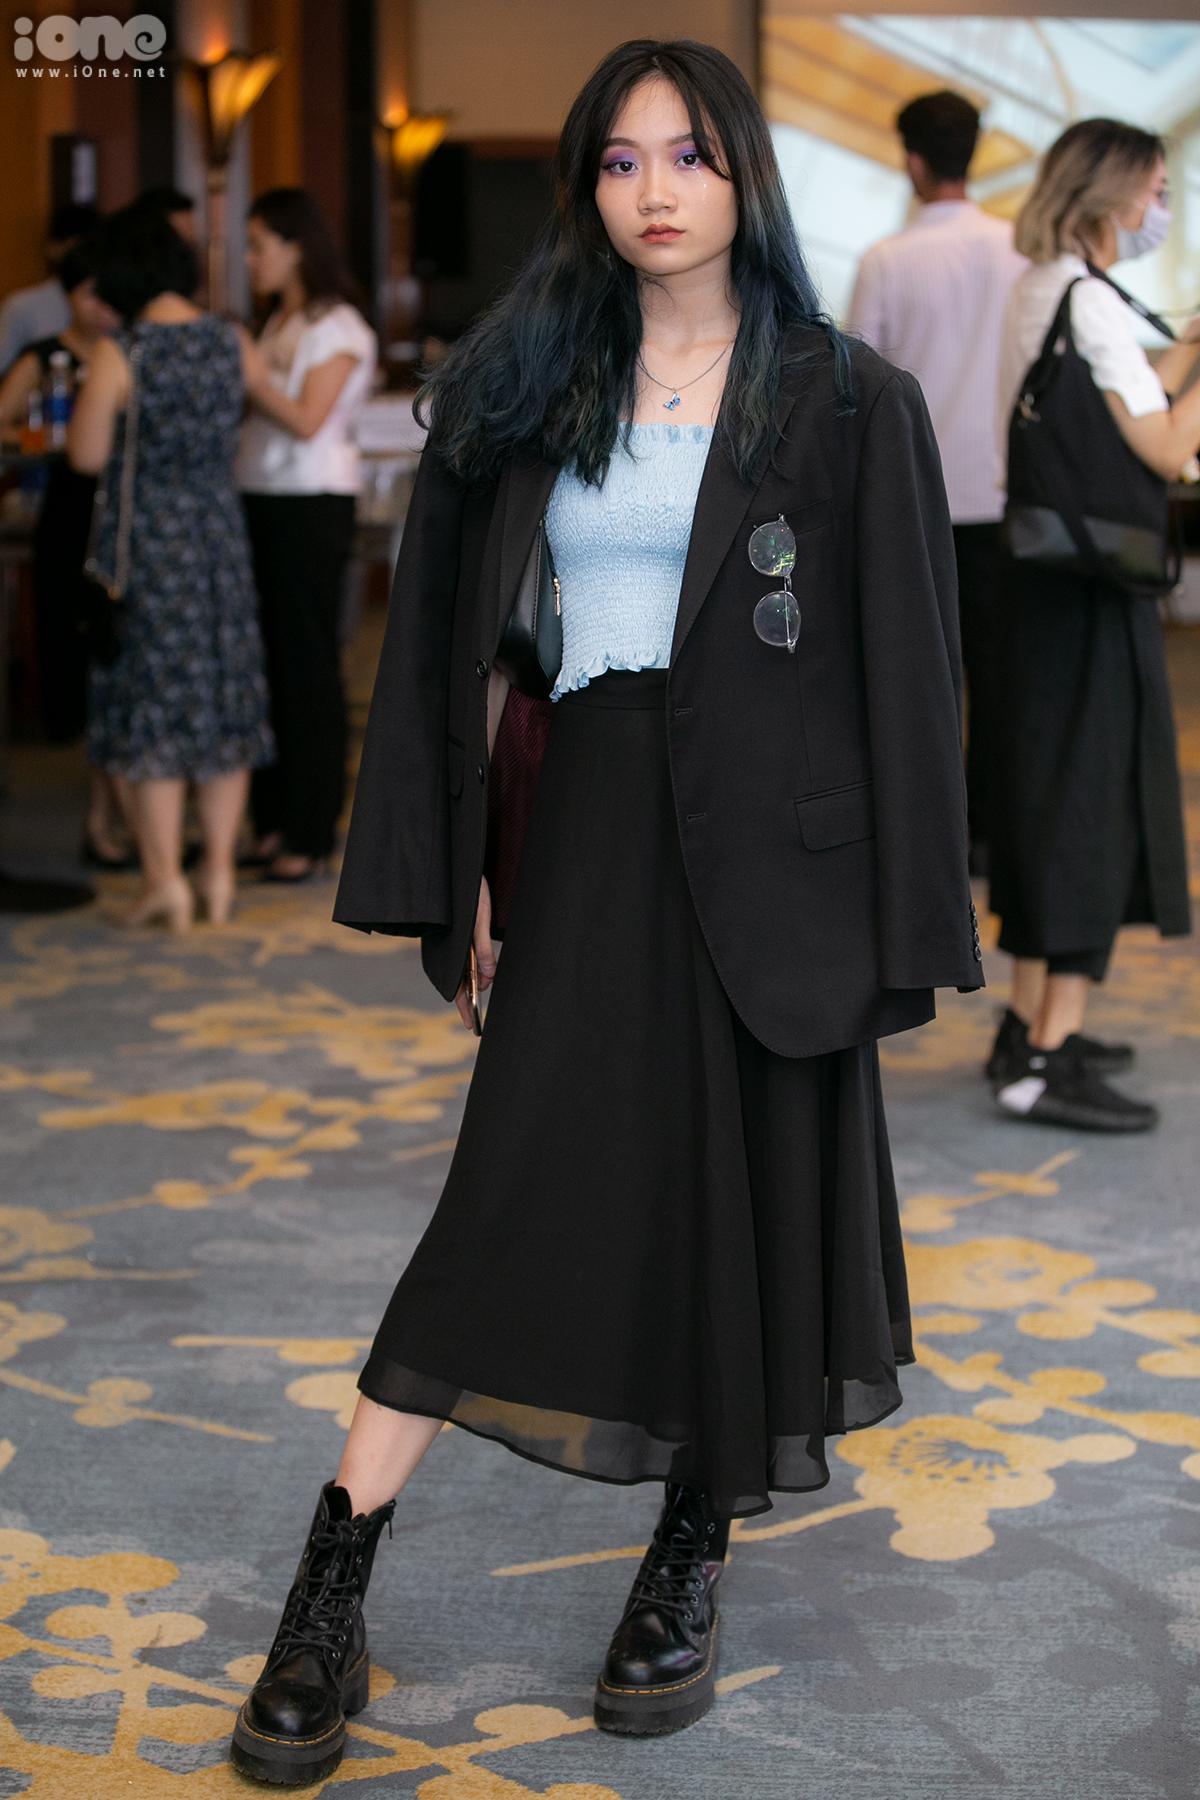 Để mặc cả cây đen không bị dừ, cô bạn này kết hợp áo quây tông xanh pastel tươi sáng.